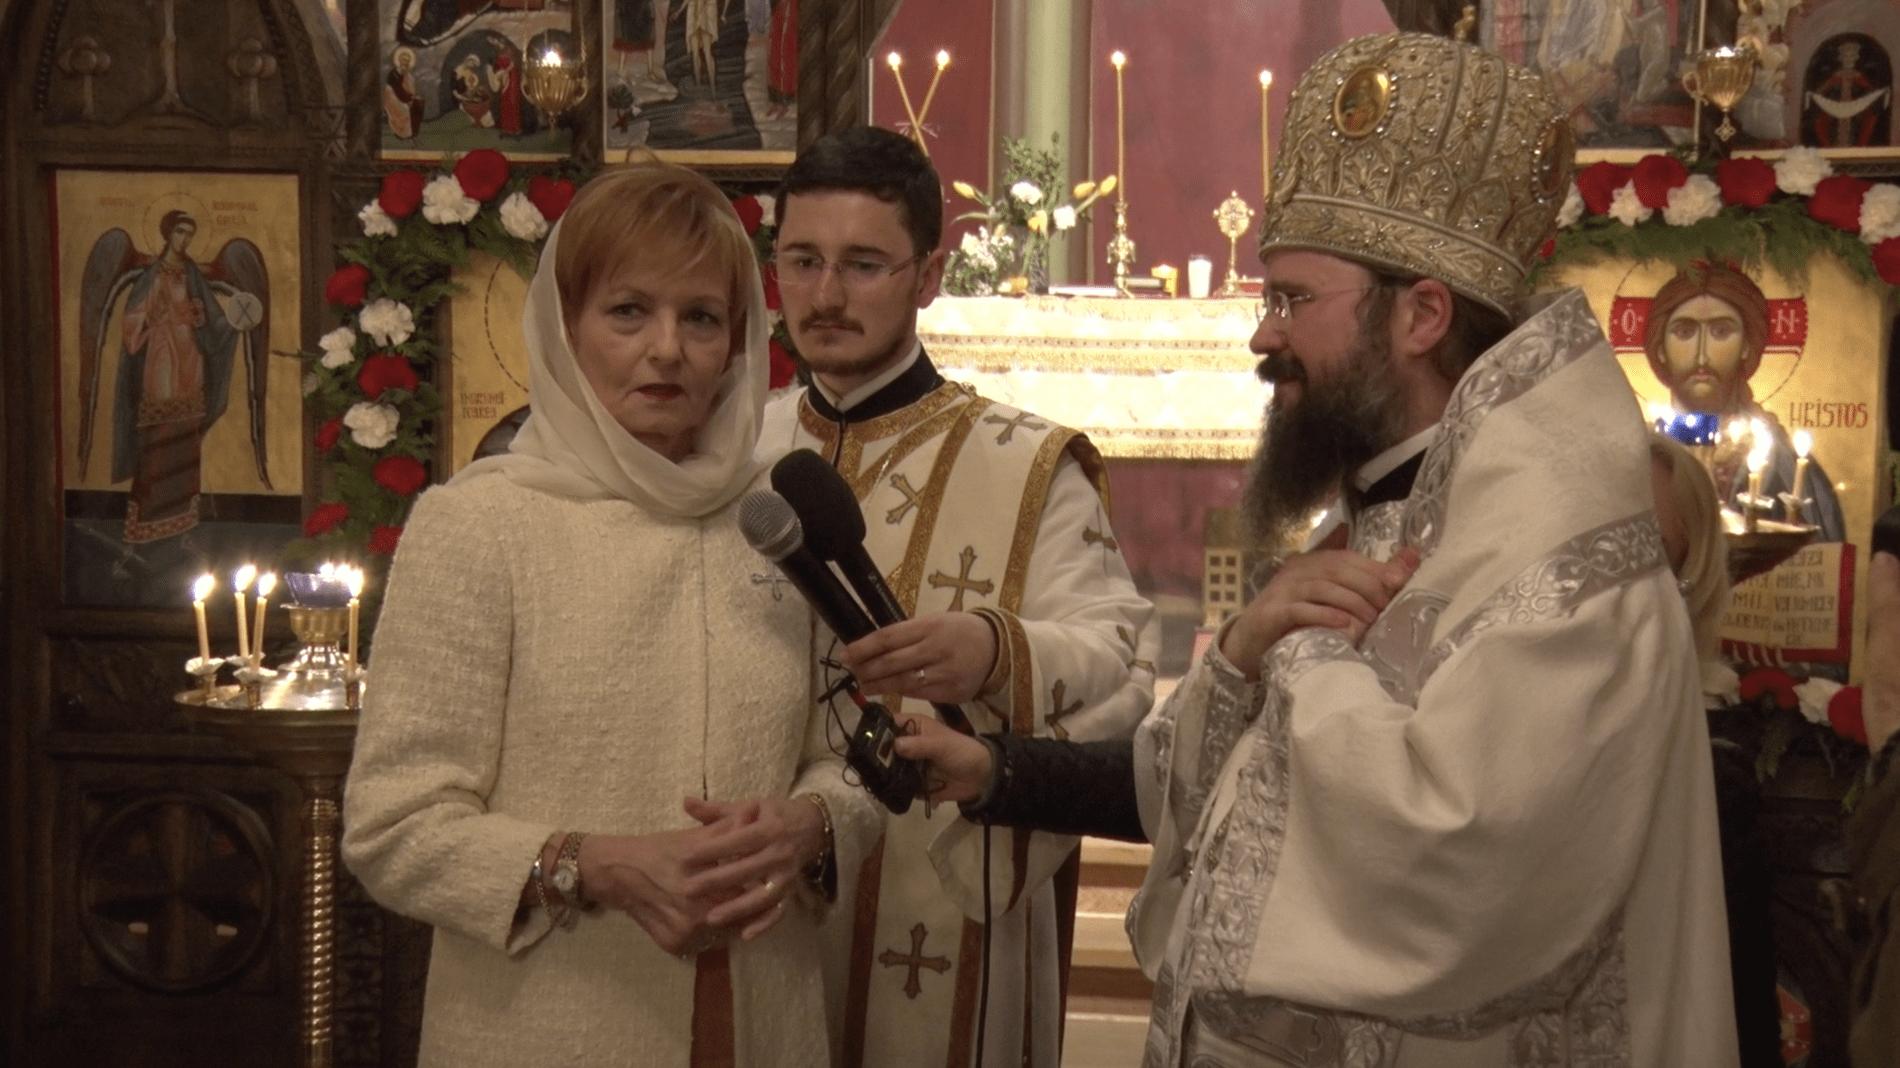 La Copenhaga, Preasfințitul Macarie a oferit Lumina Învierii Majestății Sale Margareta și românilor din comunitate